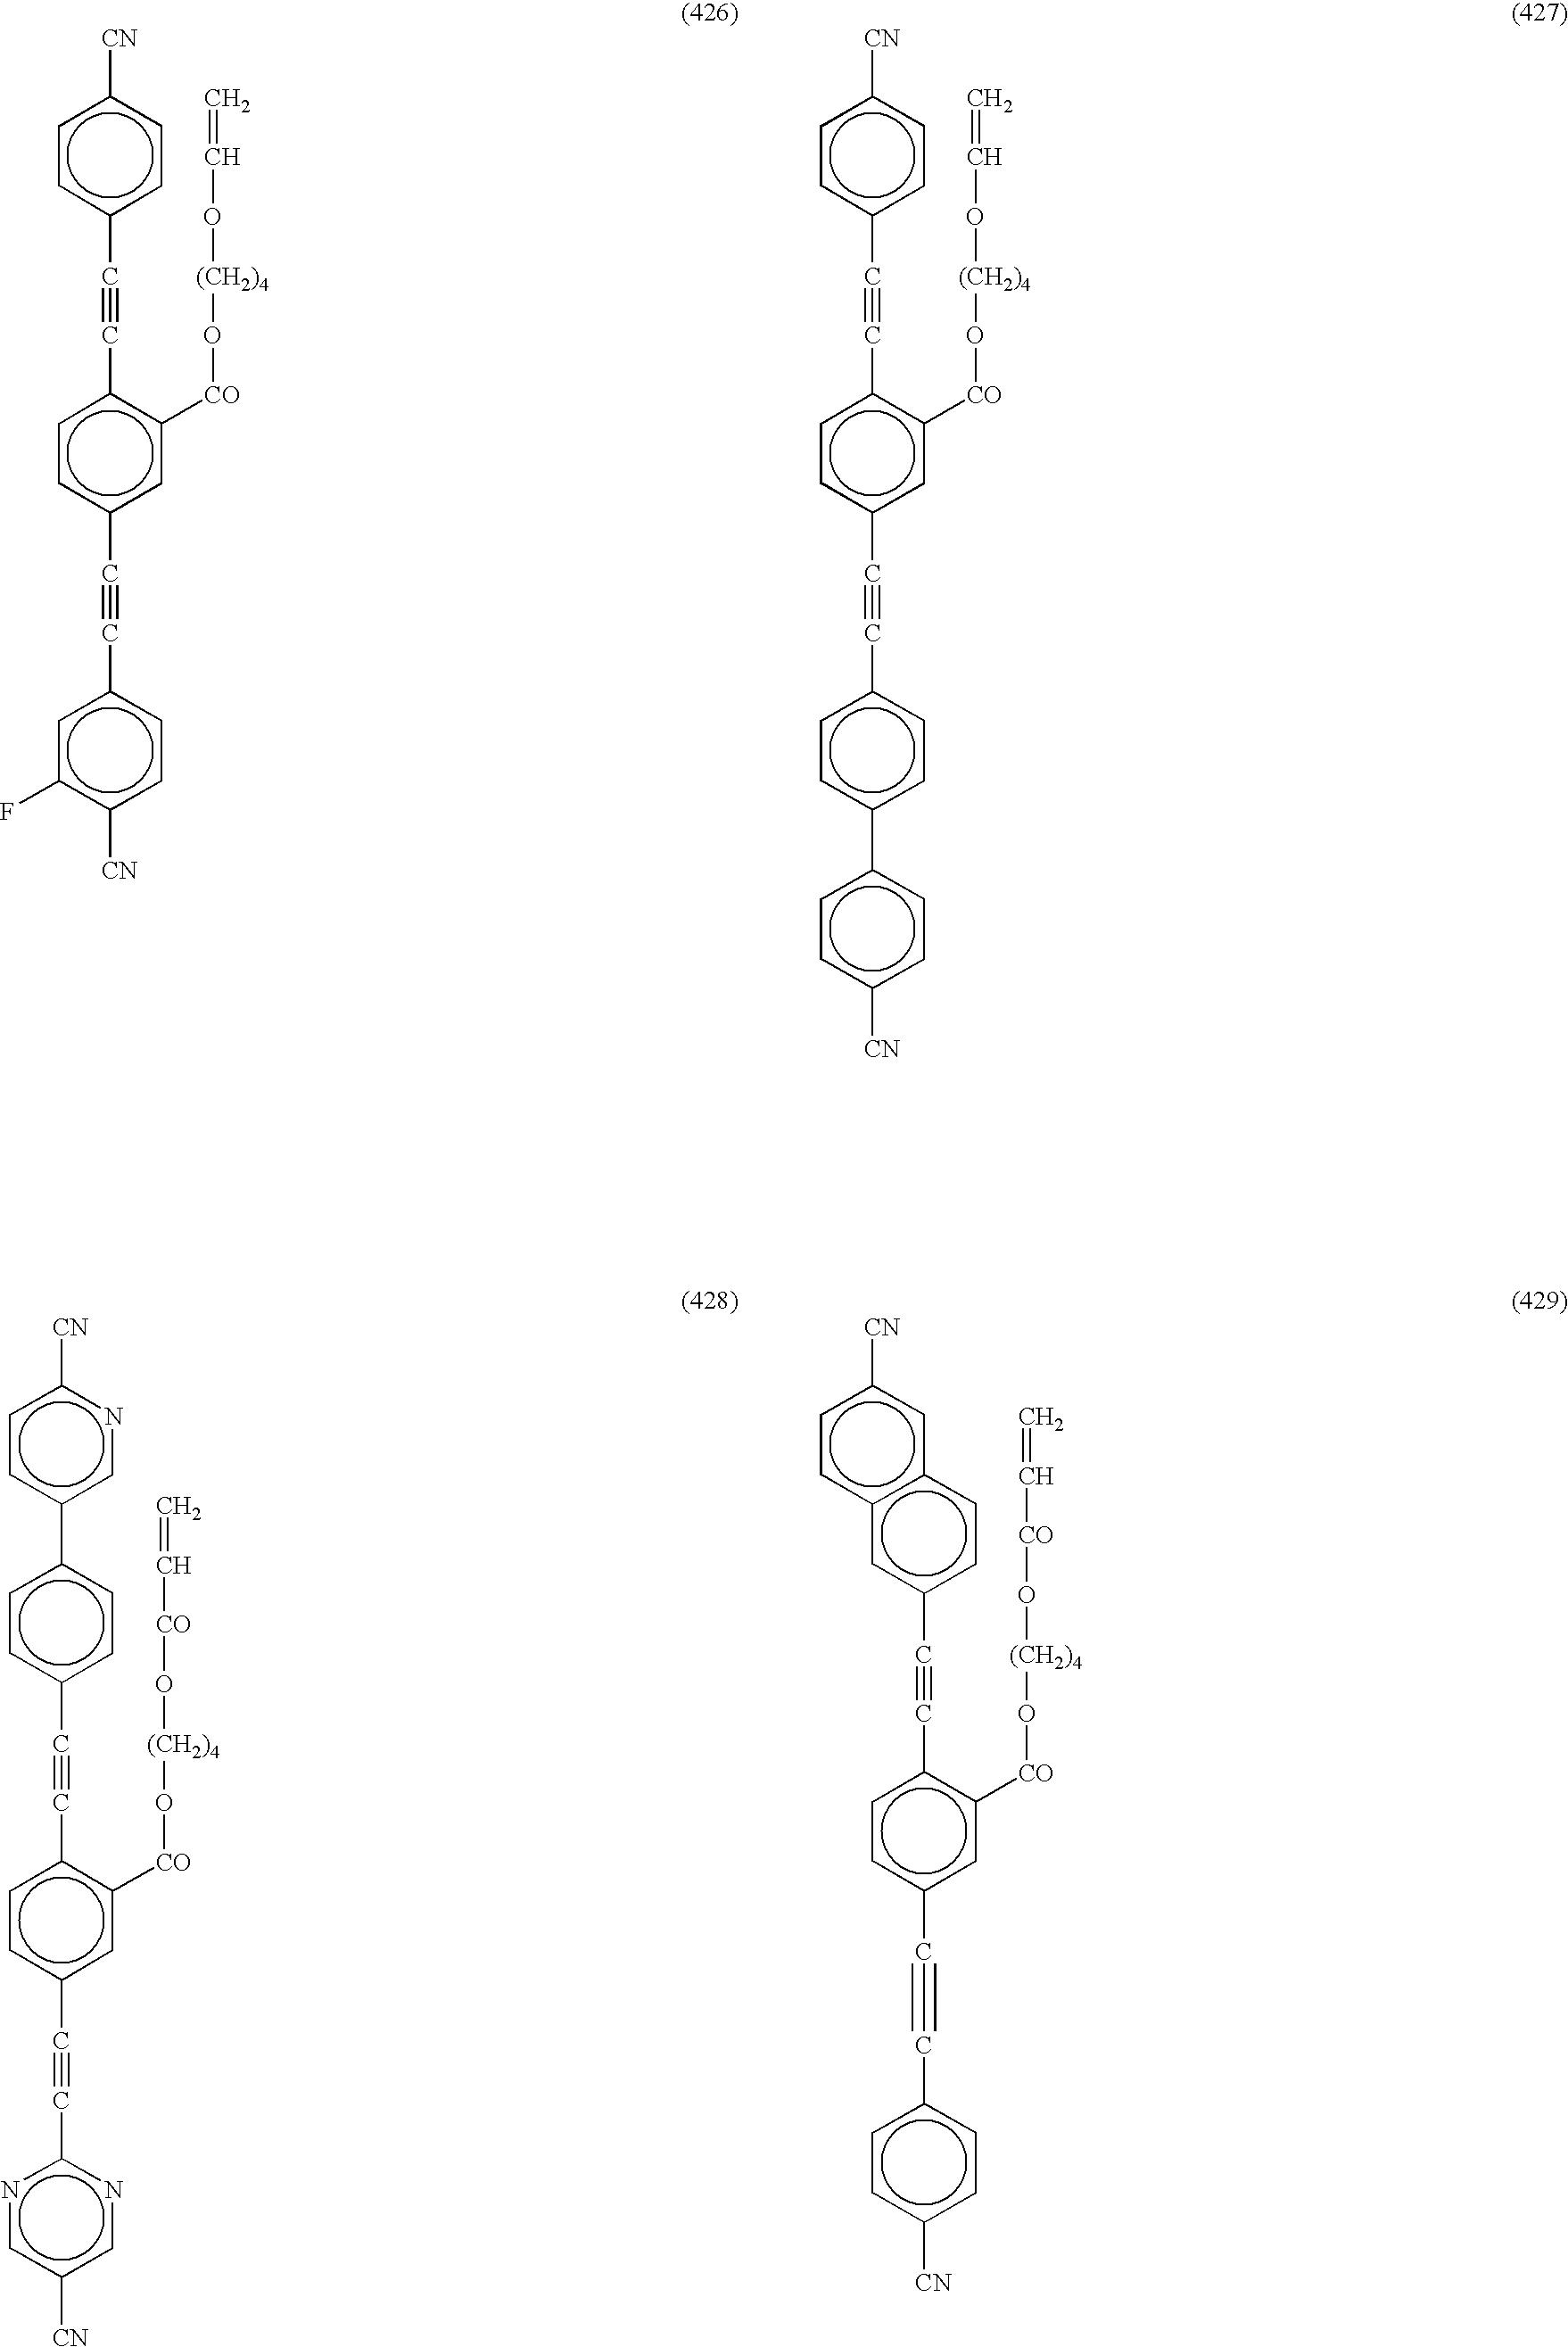 Figure US07128953-20061031-C00052